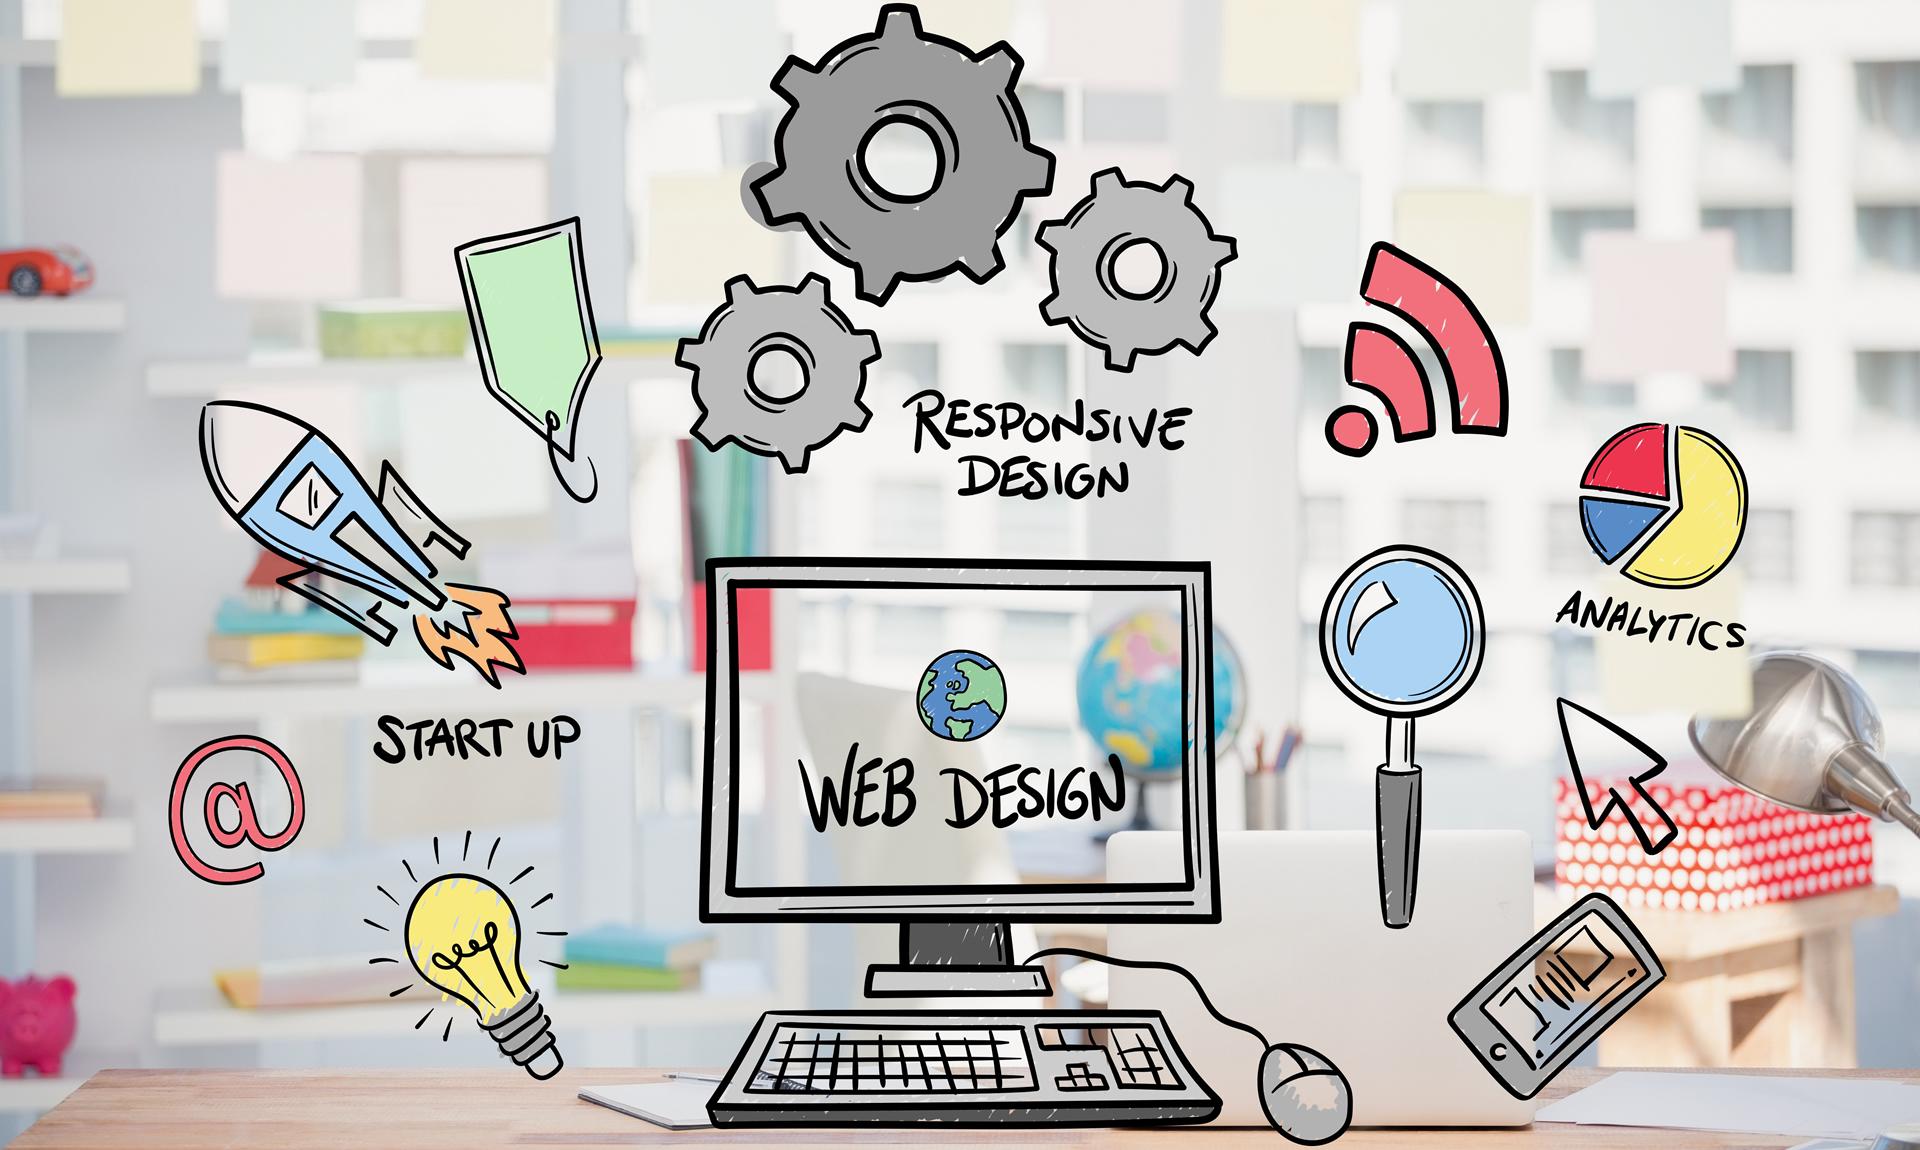 Profesyonel Web Tasarım Çalışması Nedir?